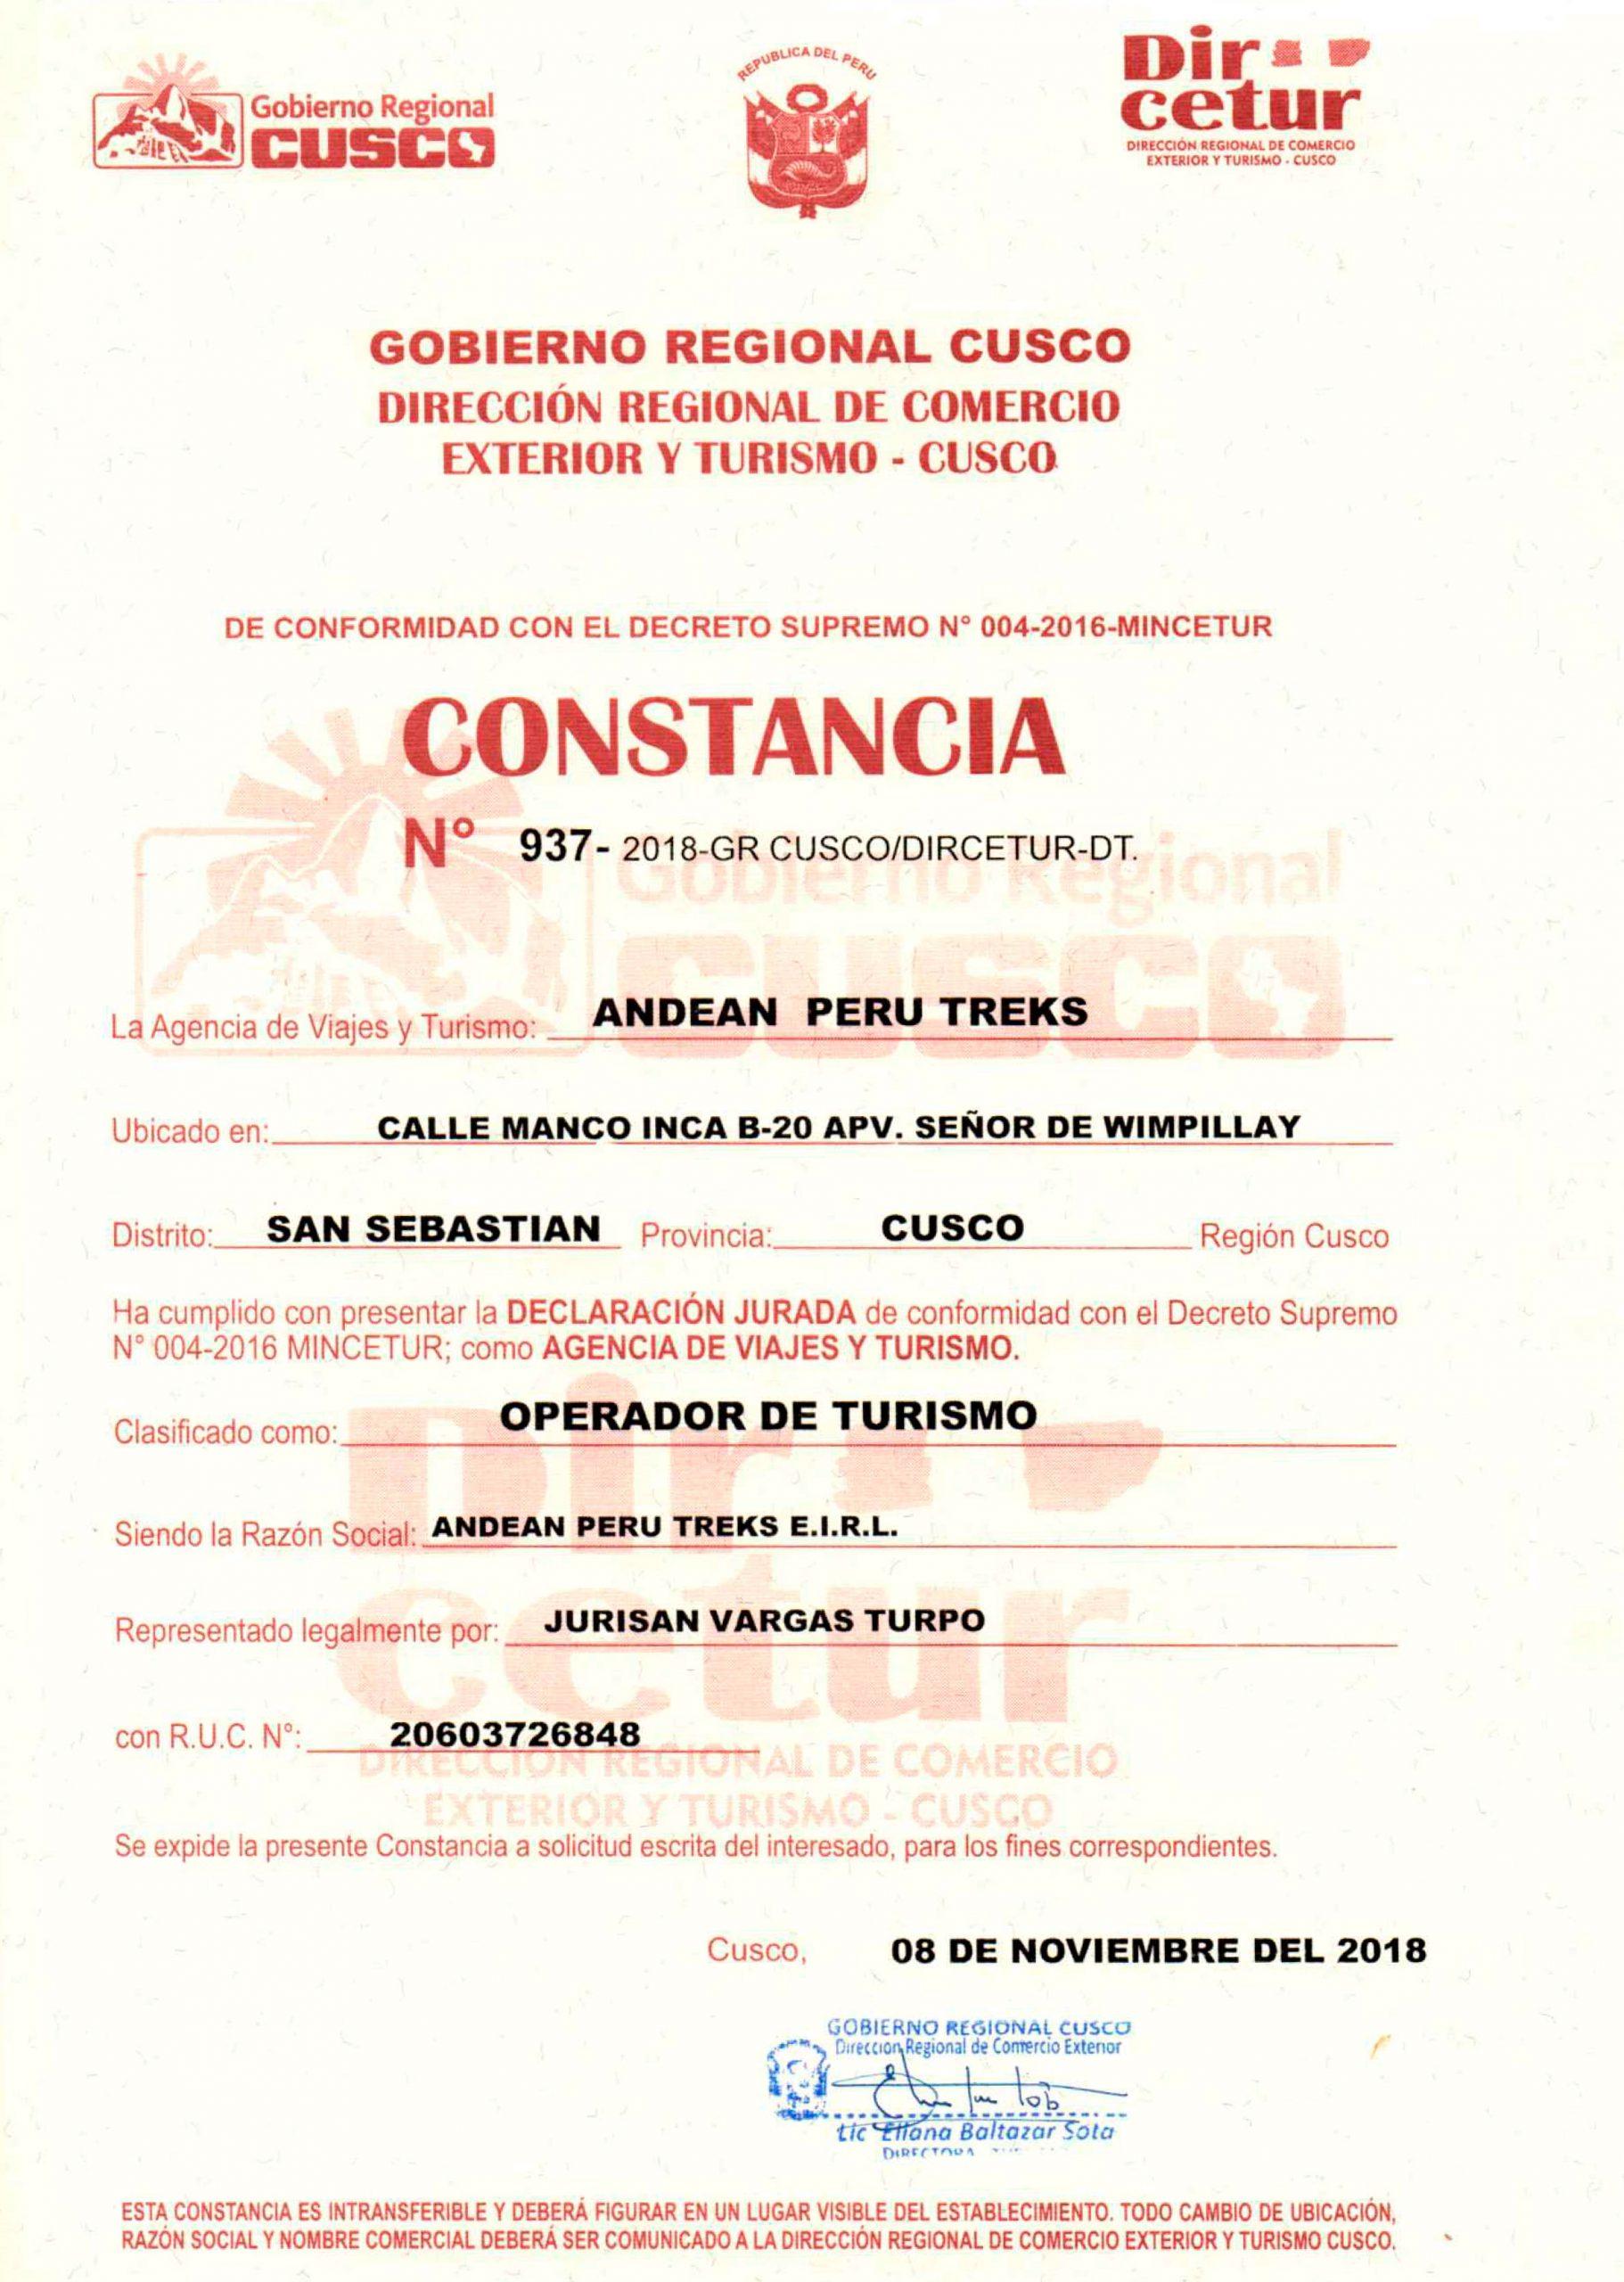 Contamcia de DIRECTUR Cusco